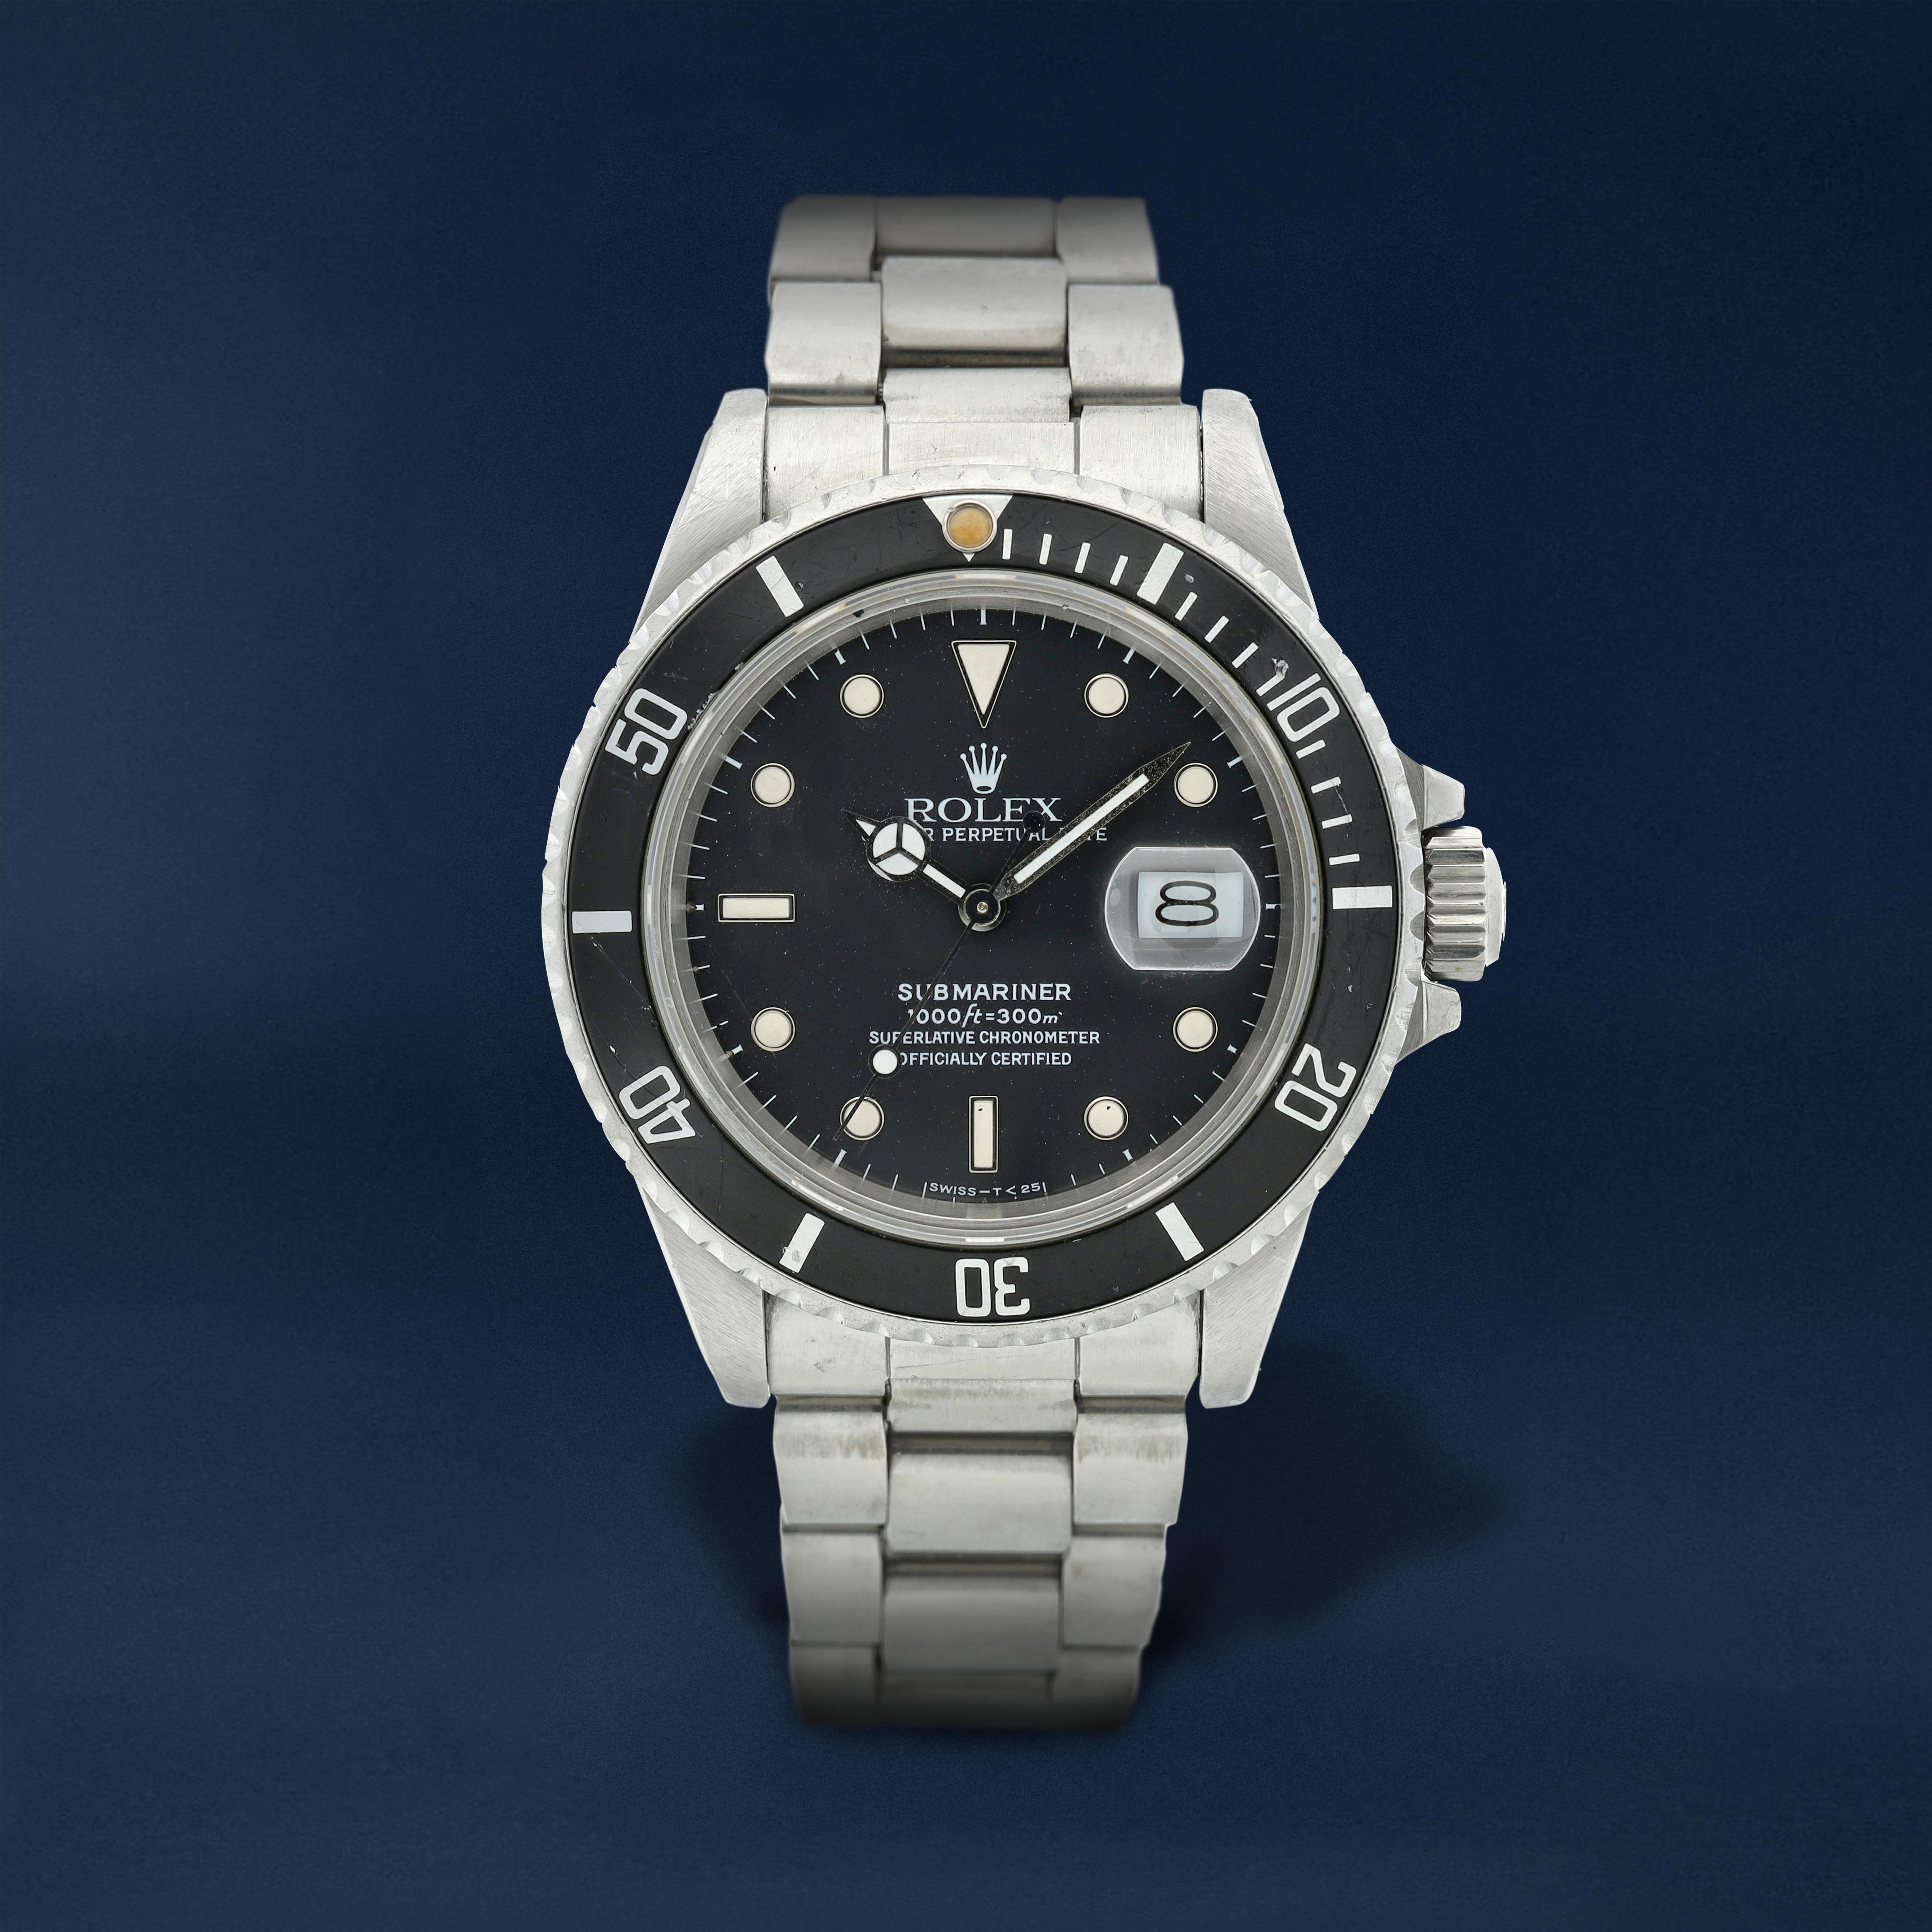 rolex-submariner-ref-16800-0acc